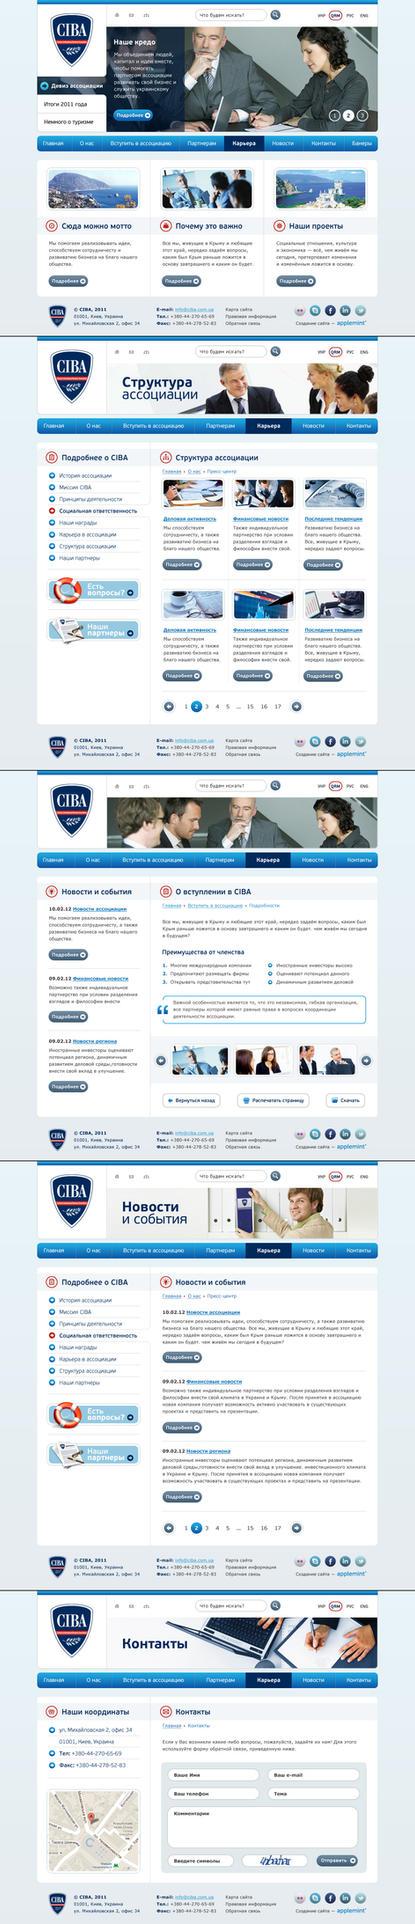 Crimean International Business Association by cyber-baller